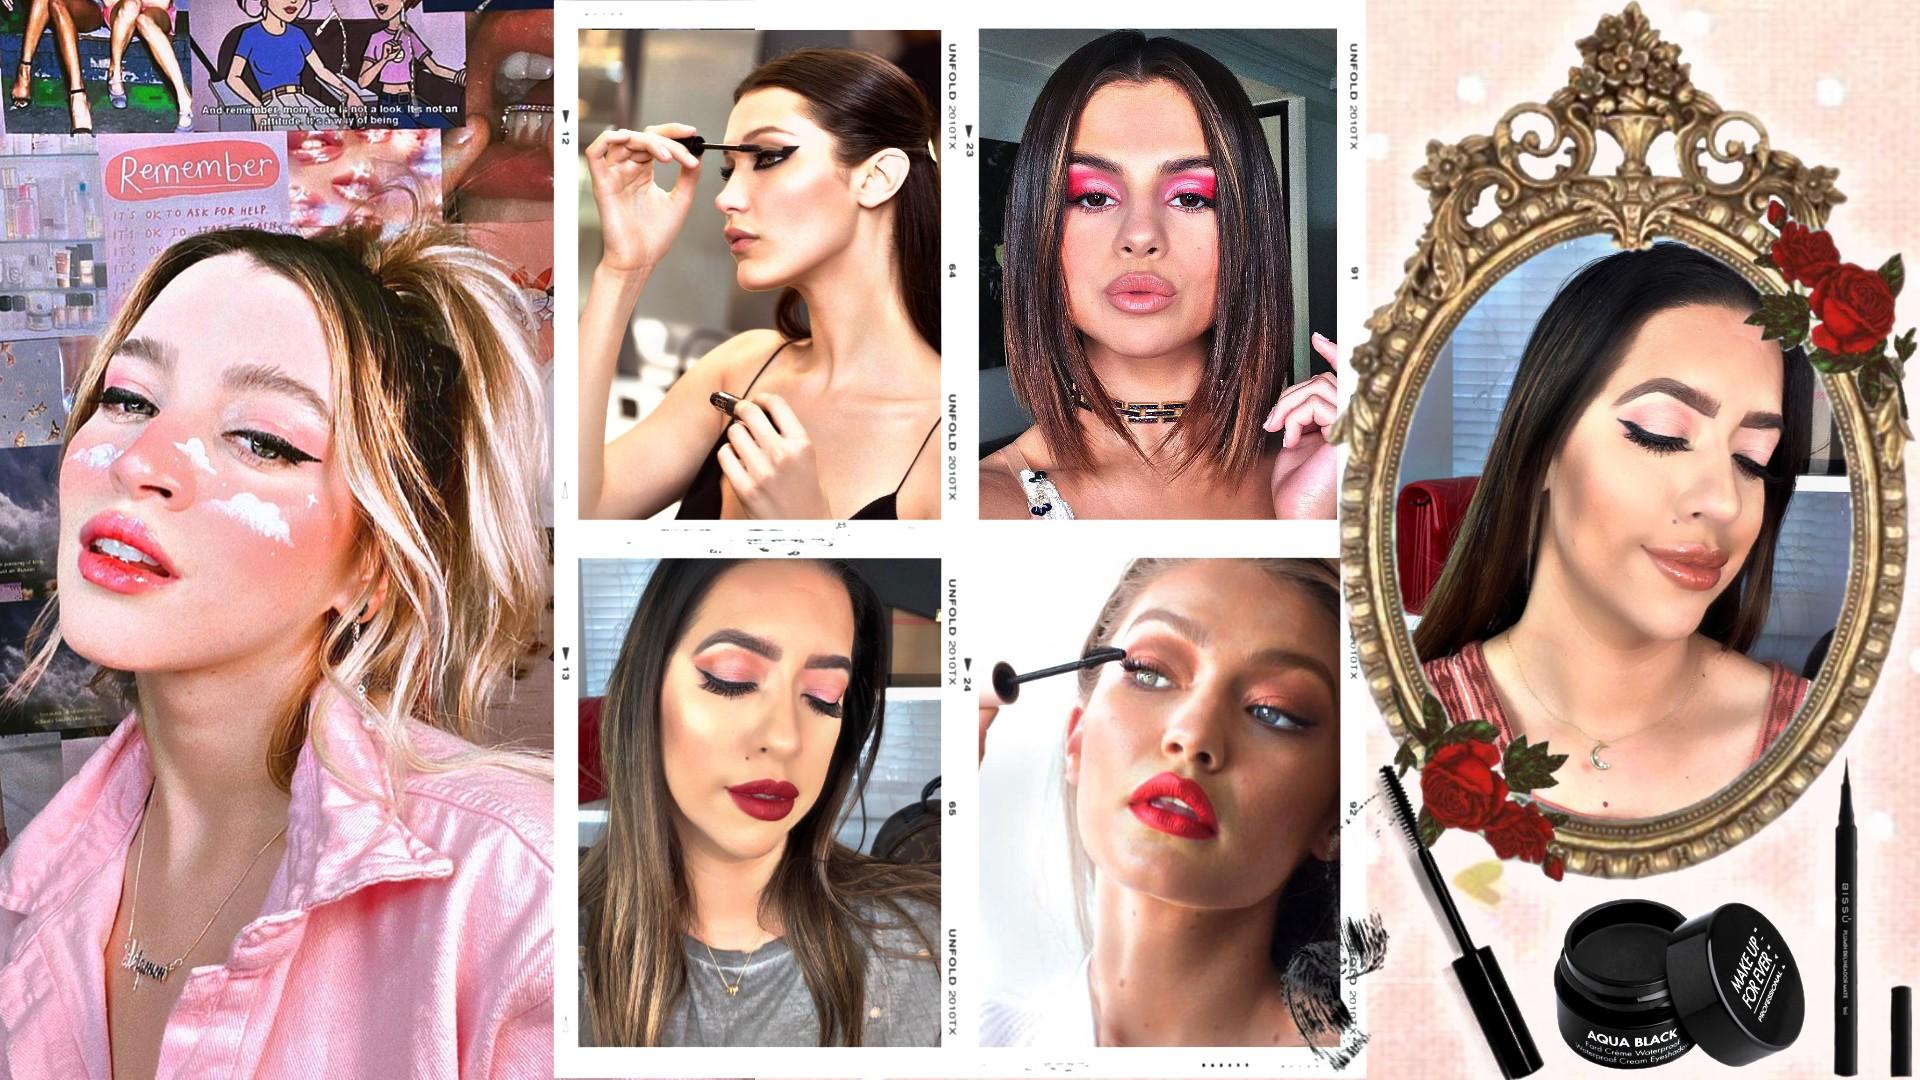 Los secretos del maquillaje que todos prefieren callar